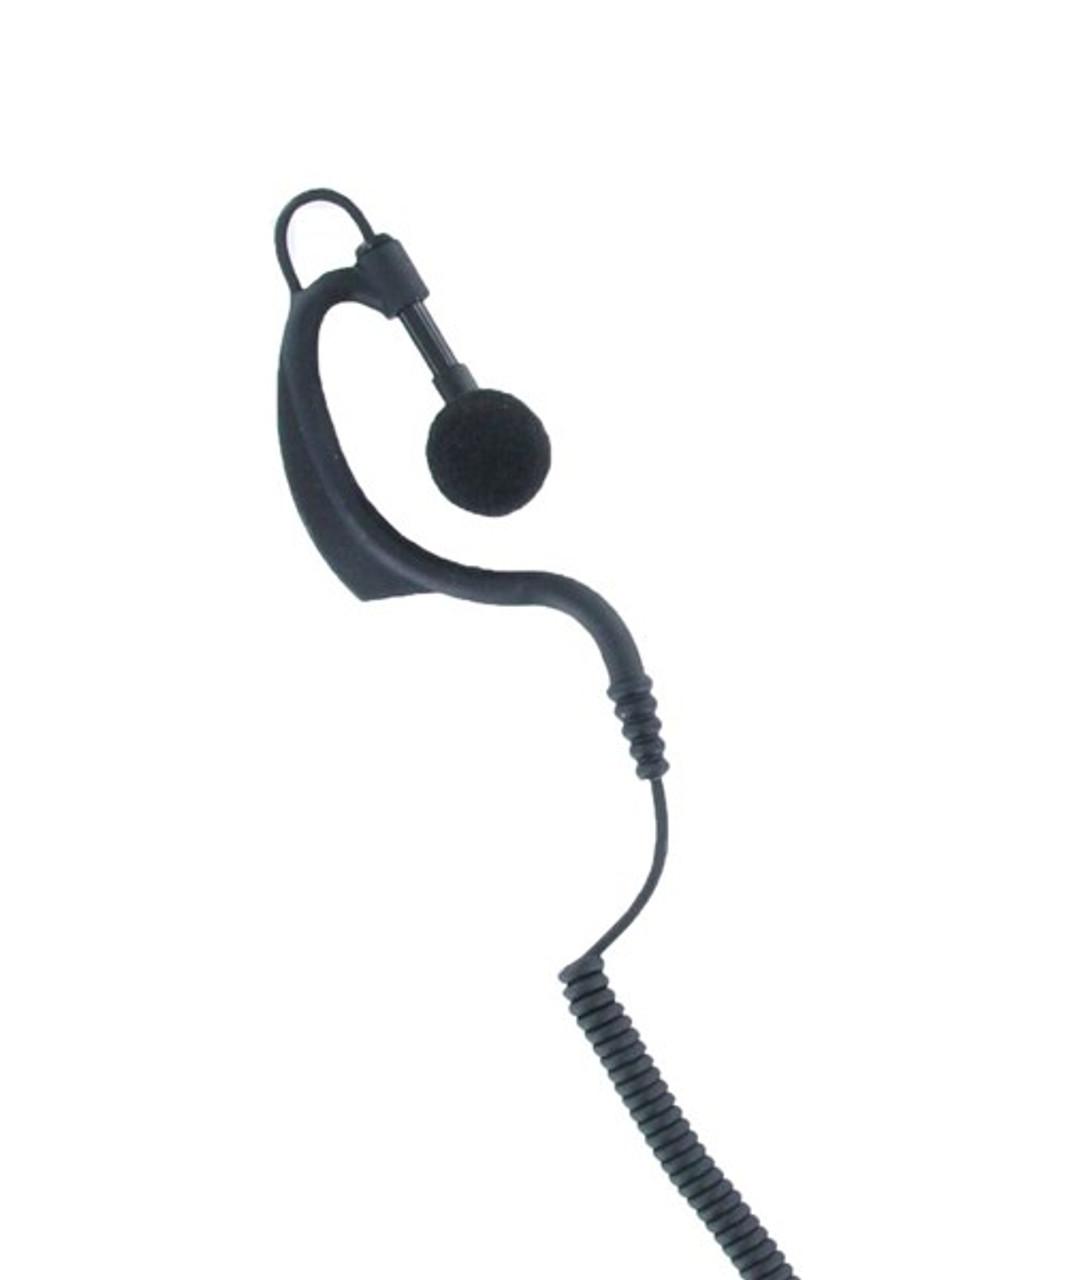 Astra G36 Touch Free Earpiece w/ Wireless Bracelet for Motorola and Kenwood walkie talkies